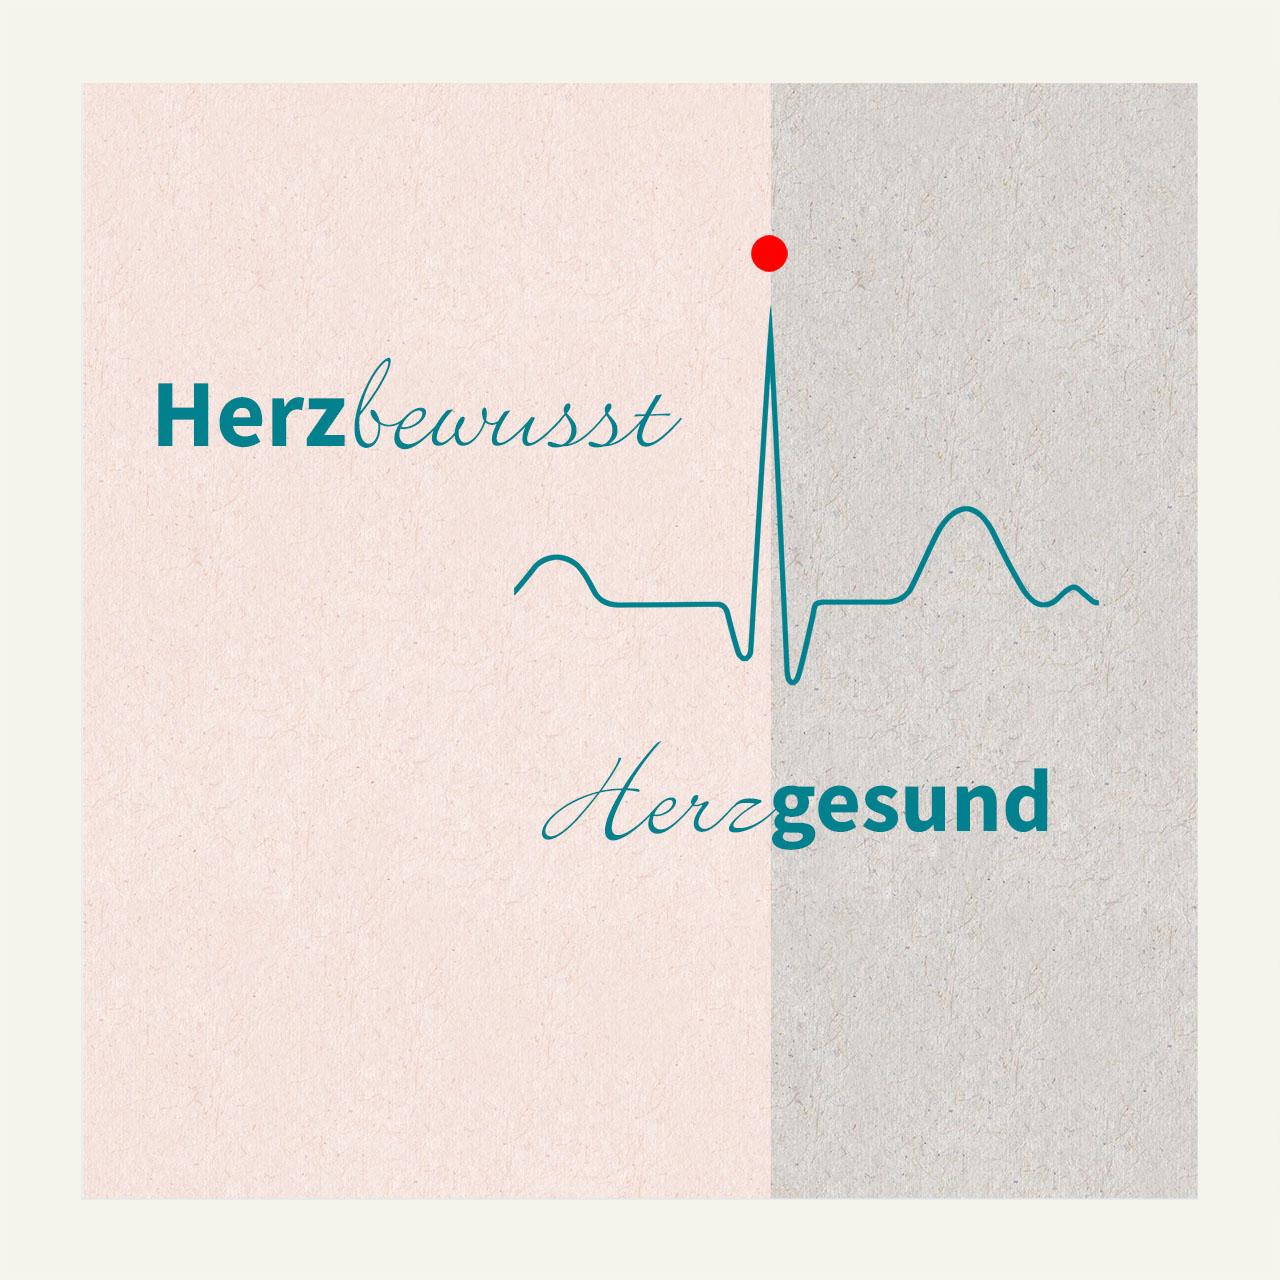 Herzbewusst - Herzgesund